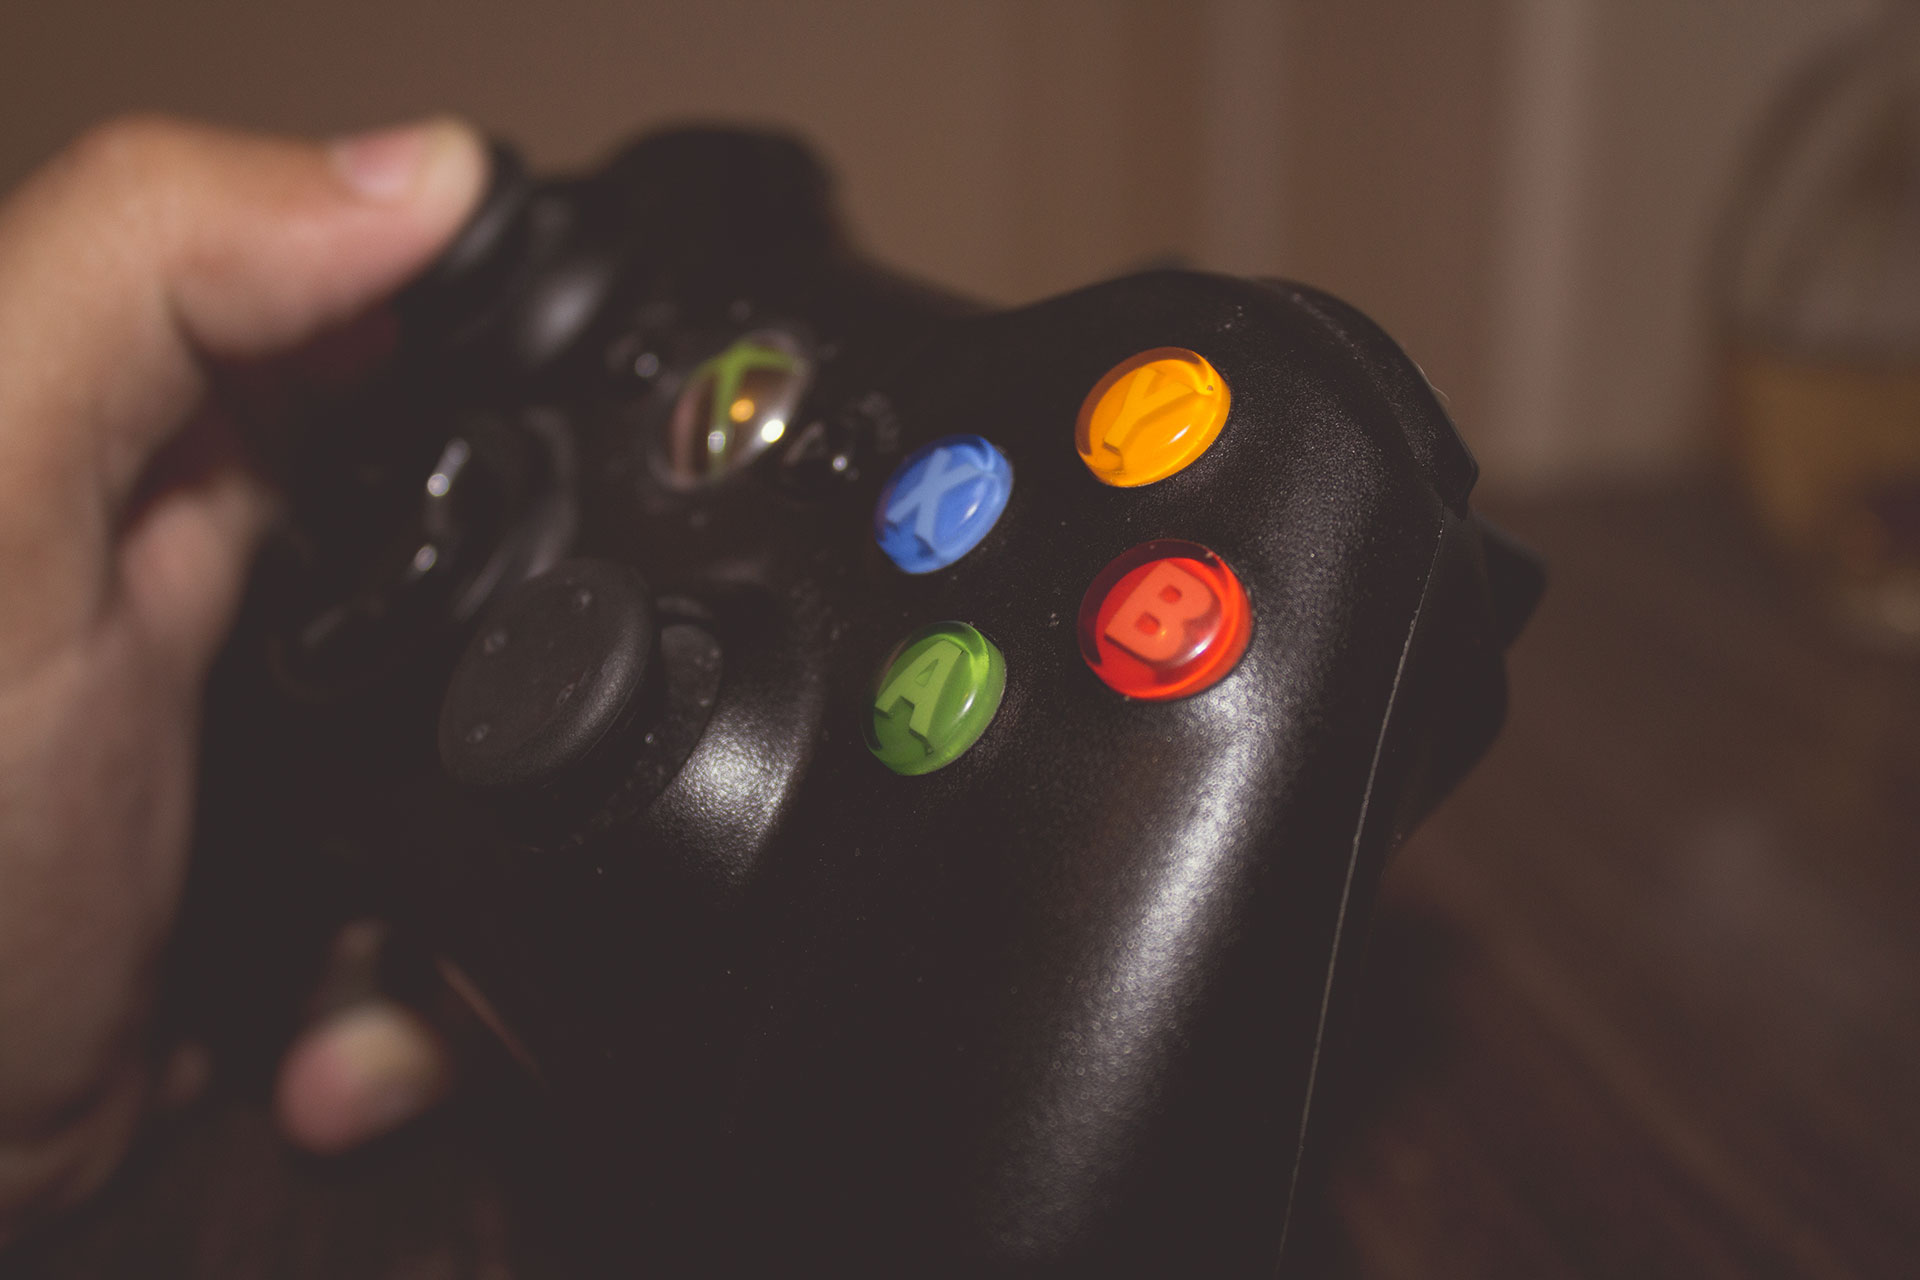 Imagem mostra um controle de xbox segurado por uma pessoa